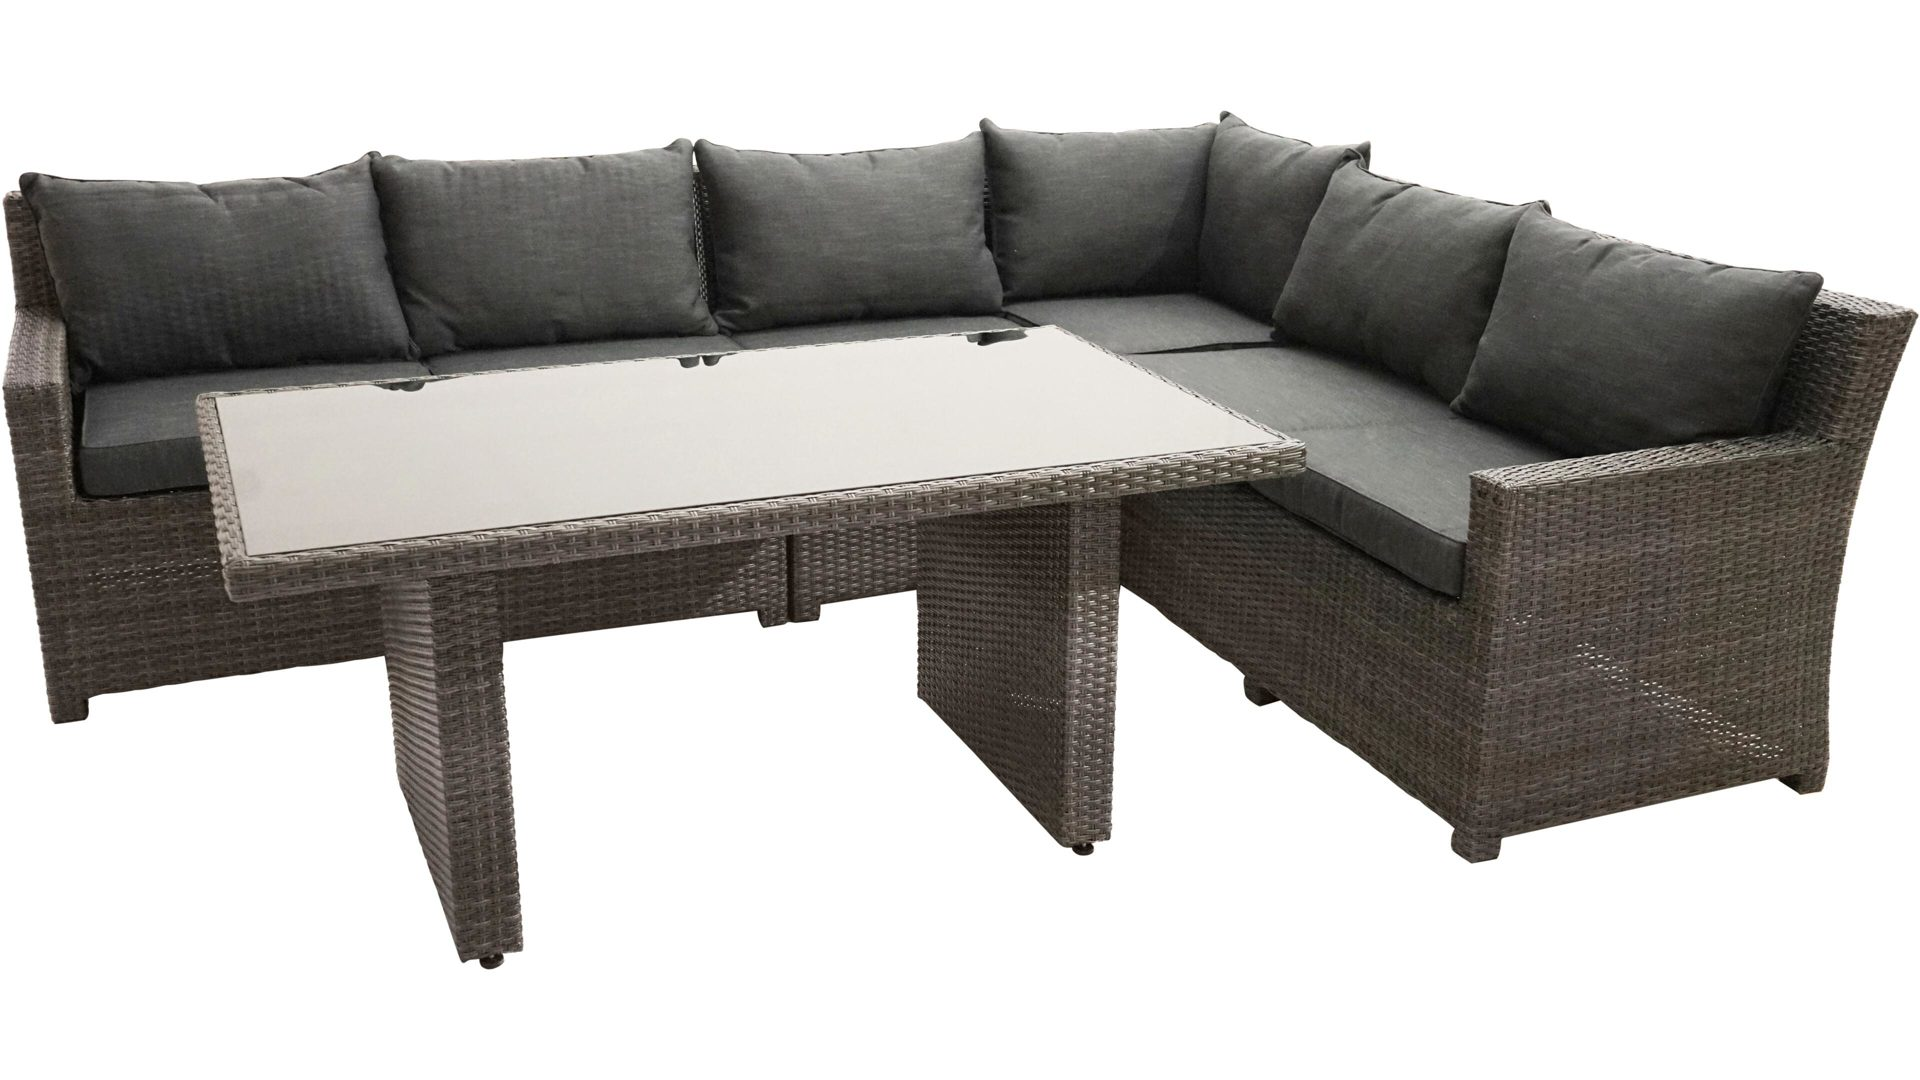 Jobst Wohnwelt Traunreut Outdoor Lounge Möbel Alle Lounge Möbel